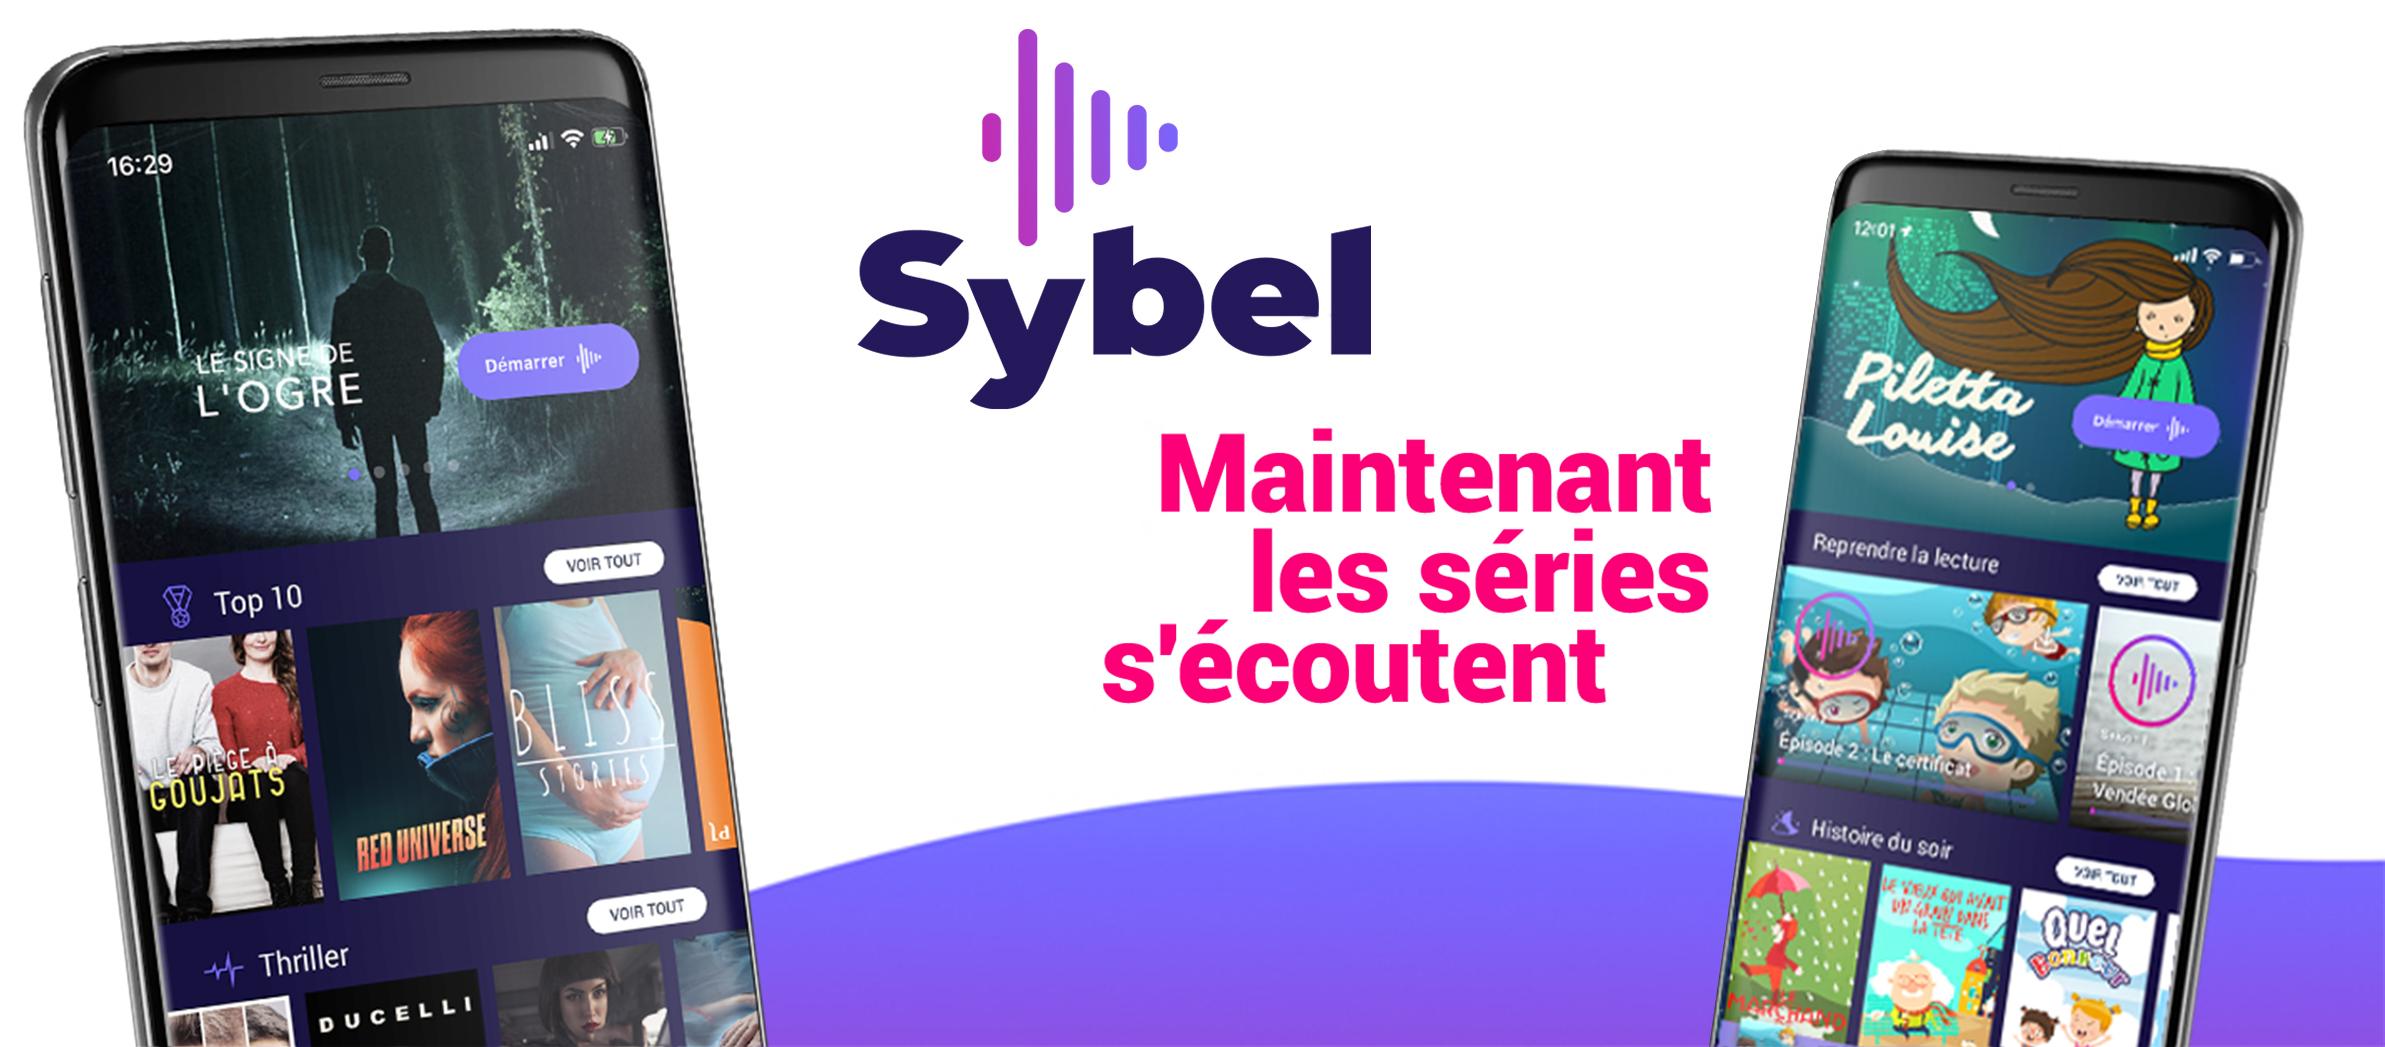 Sybel annonce la sortie de sa nouvelle série documentaire originale